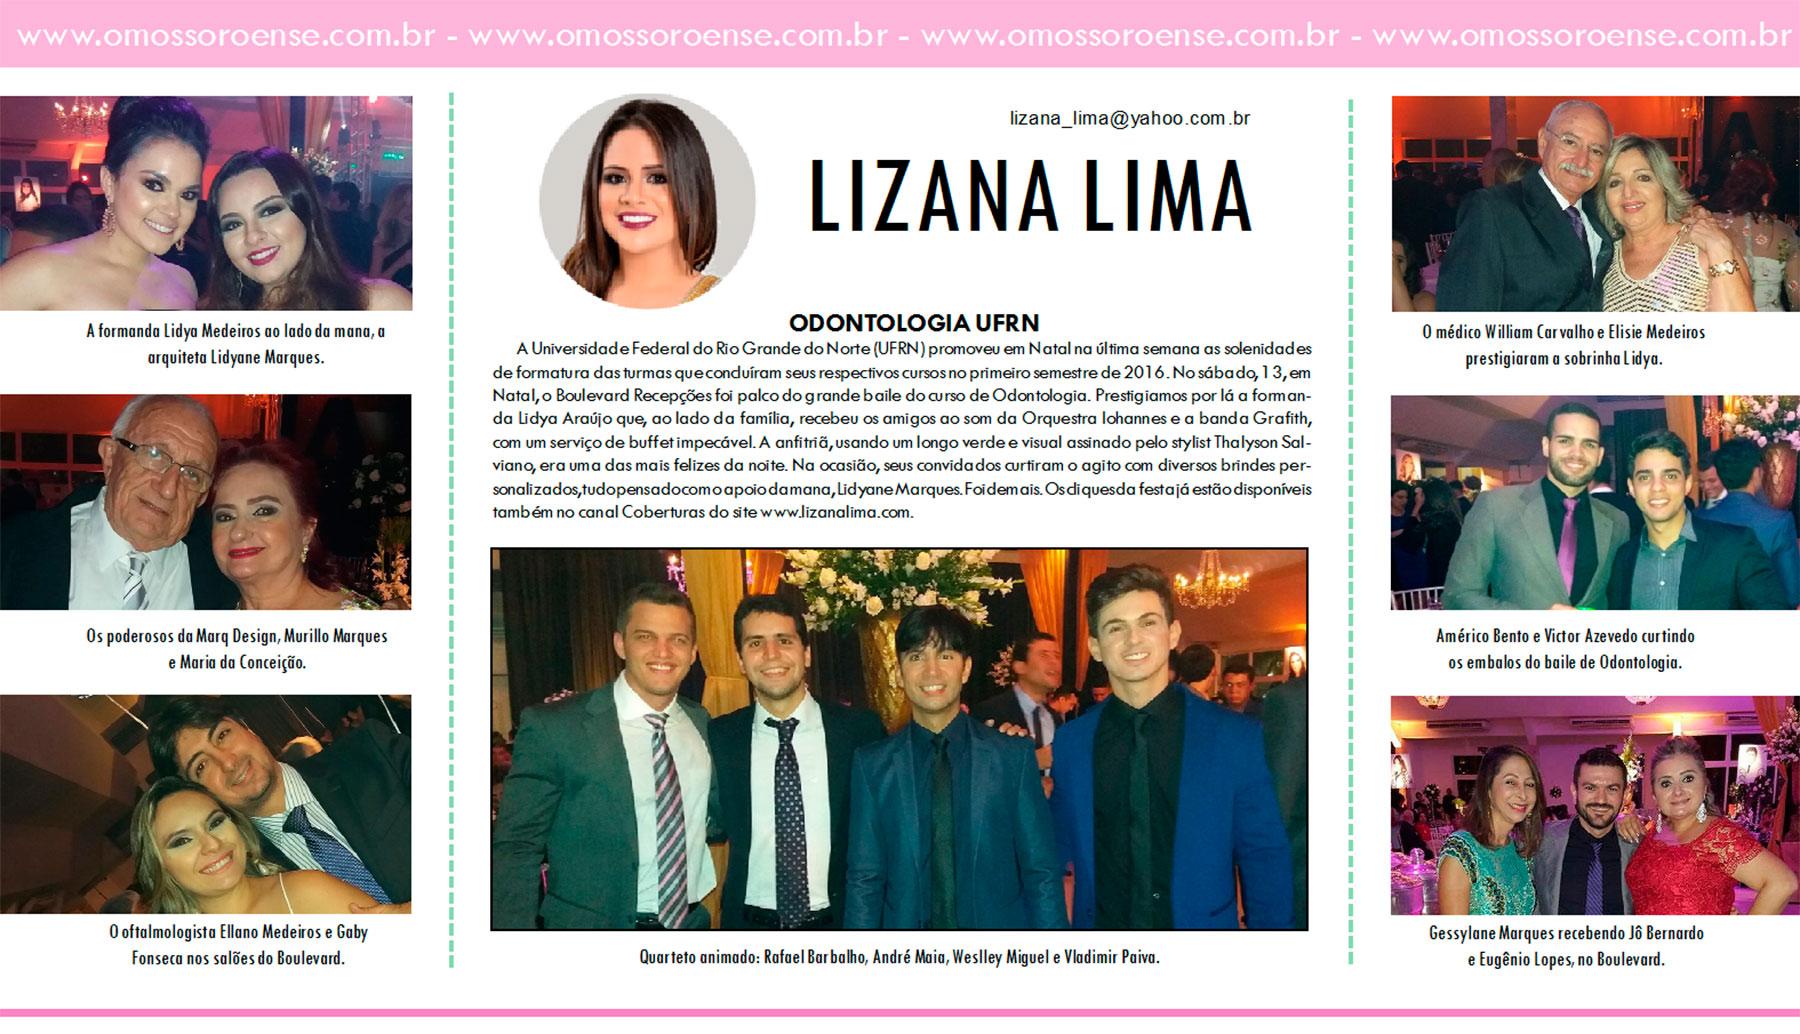 LIZANA-LIMA-16-08-16